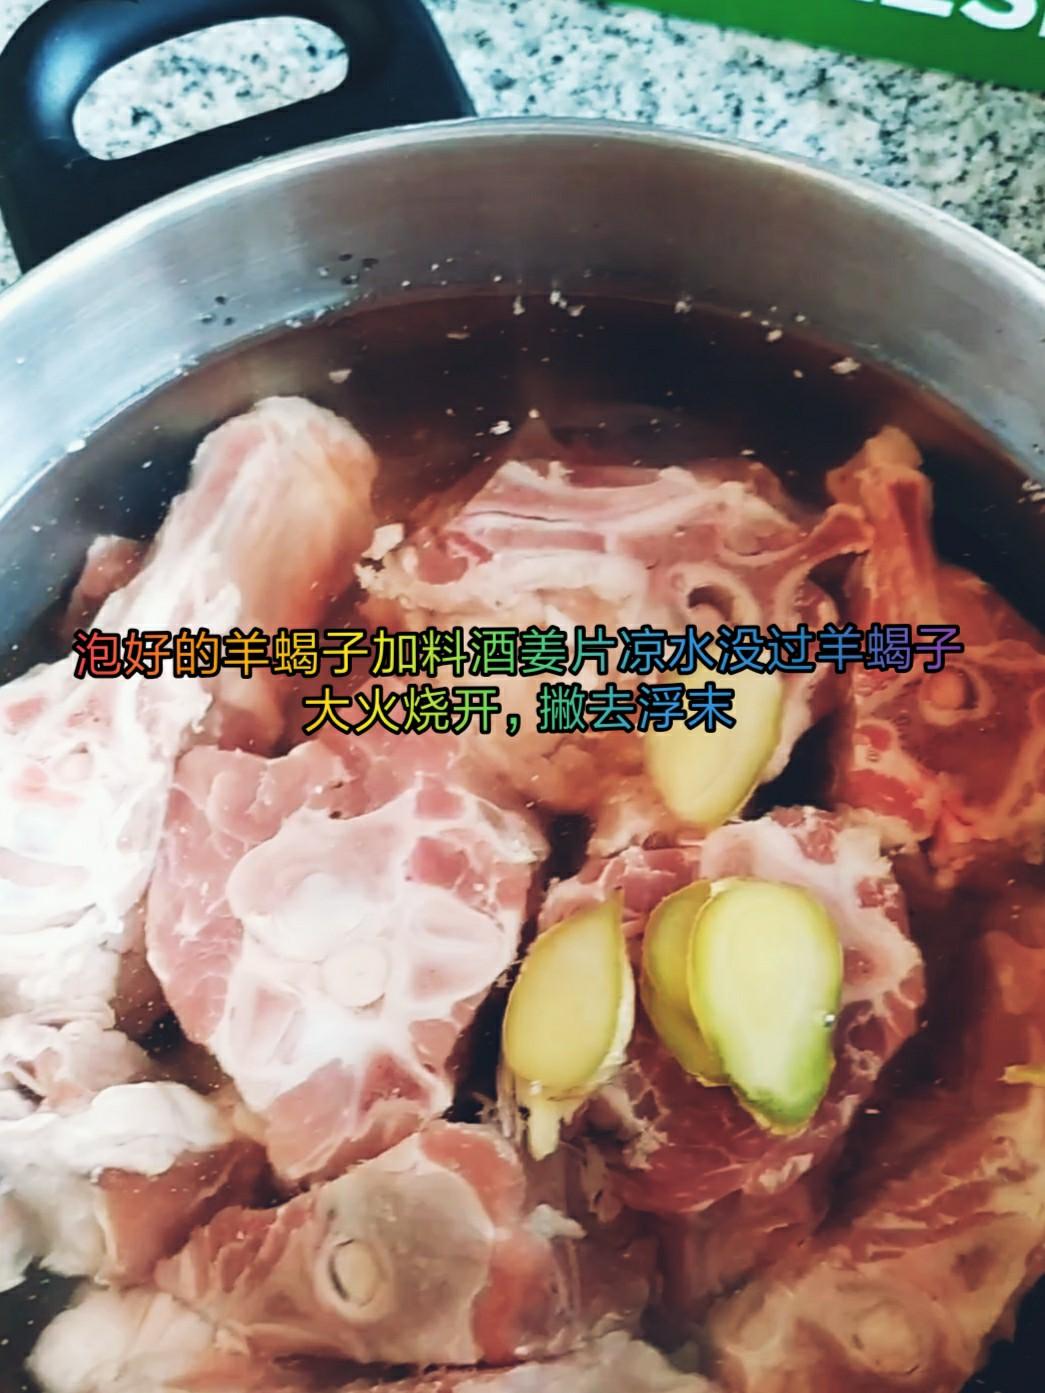 鲜香暖胃的胡萝卜炖羊蝎子~0~选对肉——吃肉也能吃得清淡的简单做法